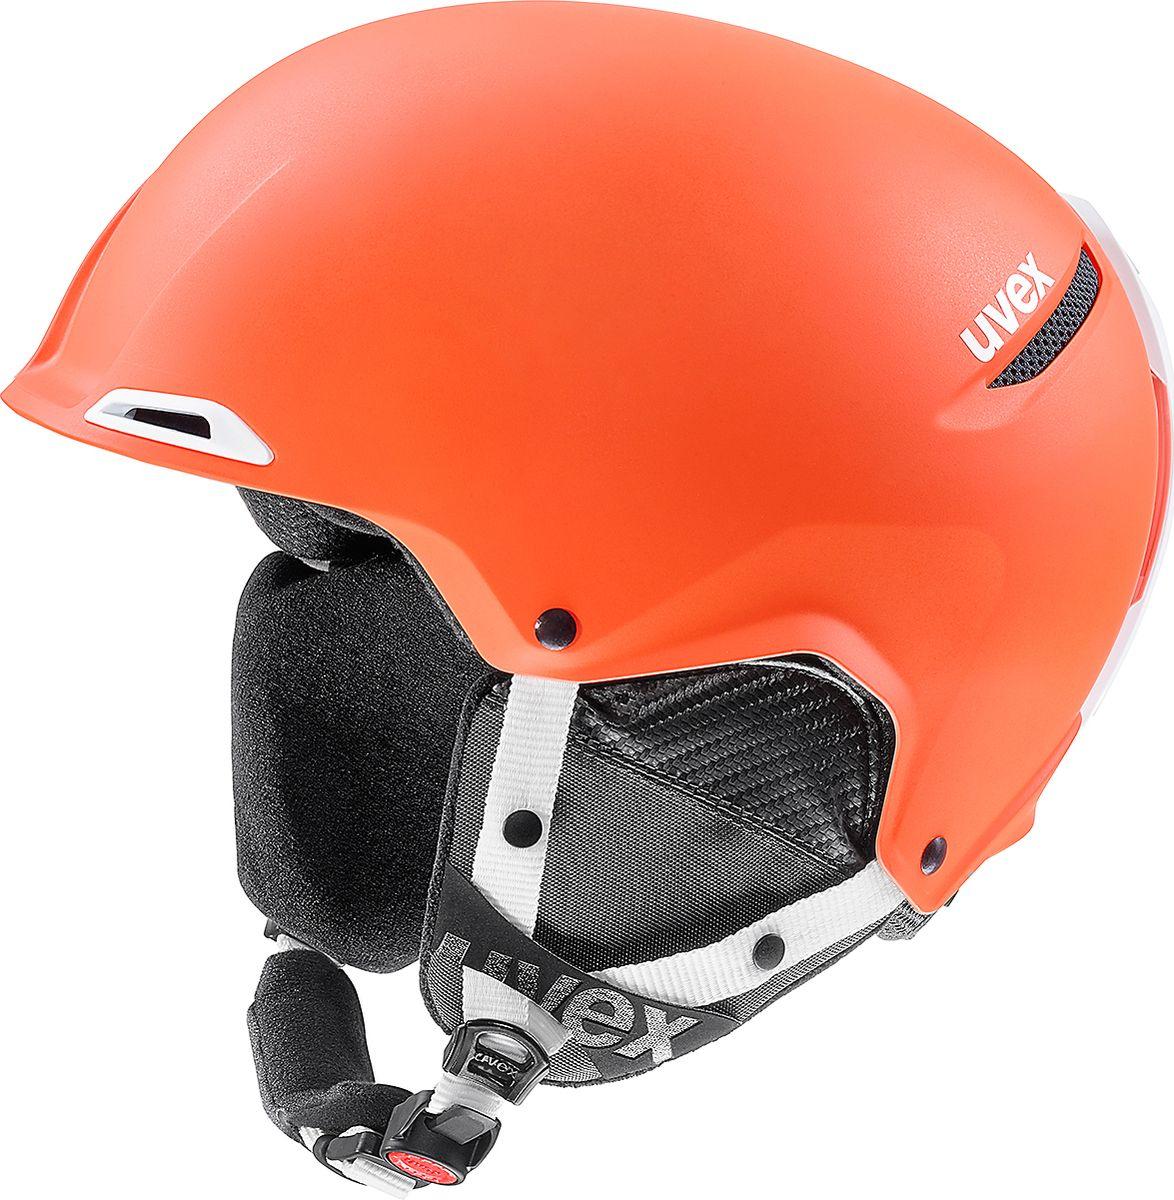 Шлем горнолыжный Uvex Jakk + Helmet, цвет: оранжевый, белый матовый. Размер 52/556209Горнолыжный шлем Uvex Jakk + Helmet создан для удобства и защиты от травм во время катания на горных лыжах и на сноуборде.Конструкция hard shell делает шлем максимально прочным, при этом шлем остается очень легким: материал внешнего слоя шлема отличается максимальной прочностью и низким весом, он на 15% легче аналогов и на 16% лучше поглощает силу удара.Ремешок на подбородке Monomatic расстегивается и застегивается одним нажатием кнопки, апростая и быстрая регулировка размера шлема IAS 3D обеспечивает настройку шлема по обхвату и высоте головы.Съемная подкладка выполнена из гипоаллергенного материала.